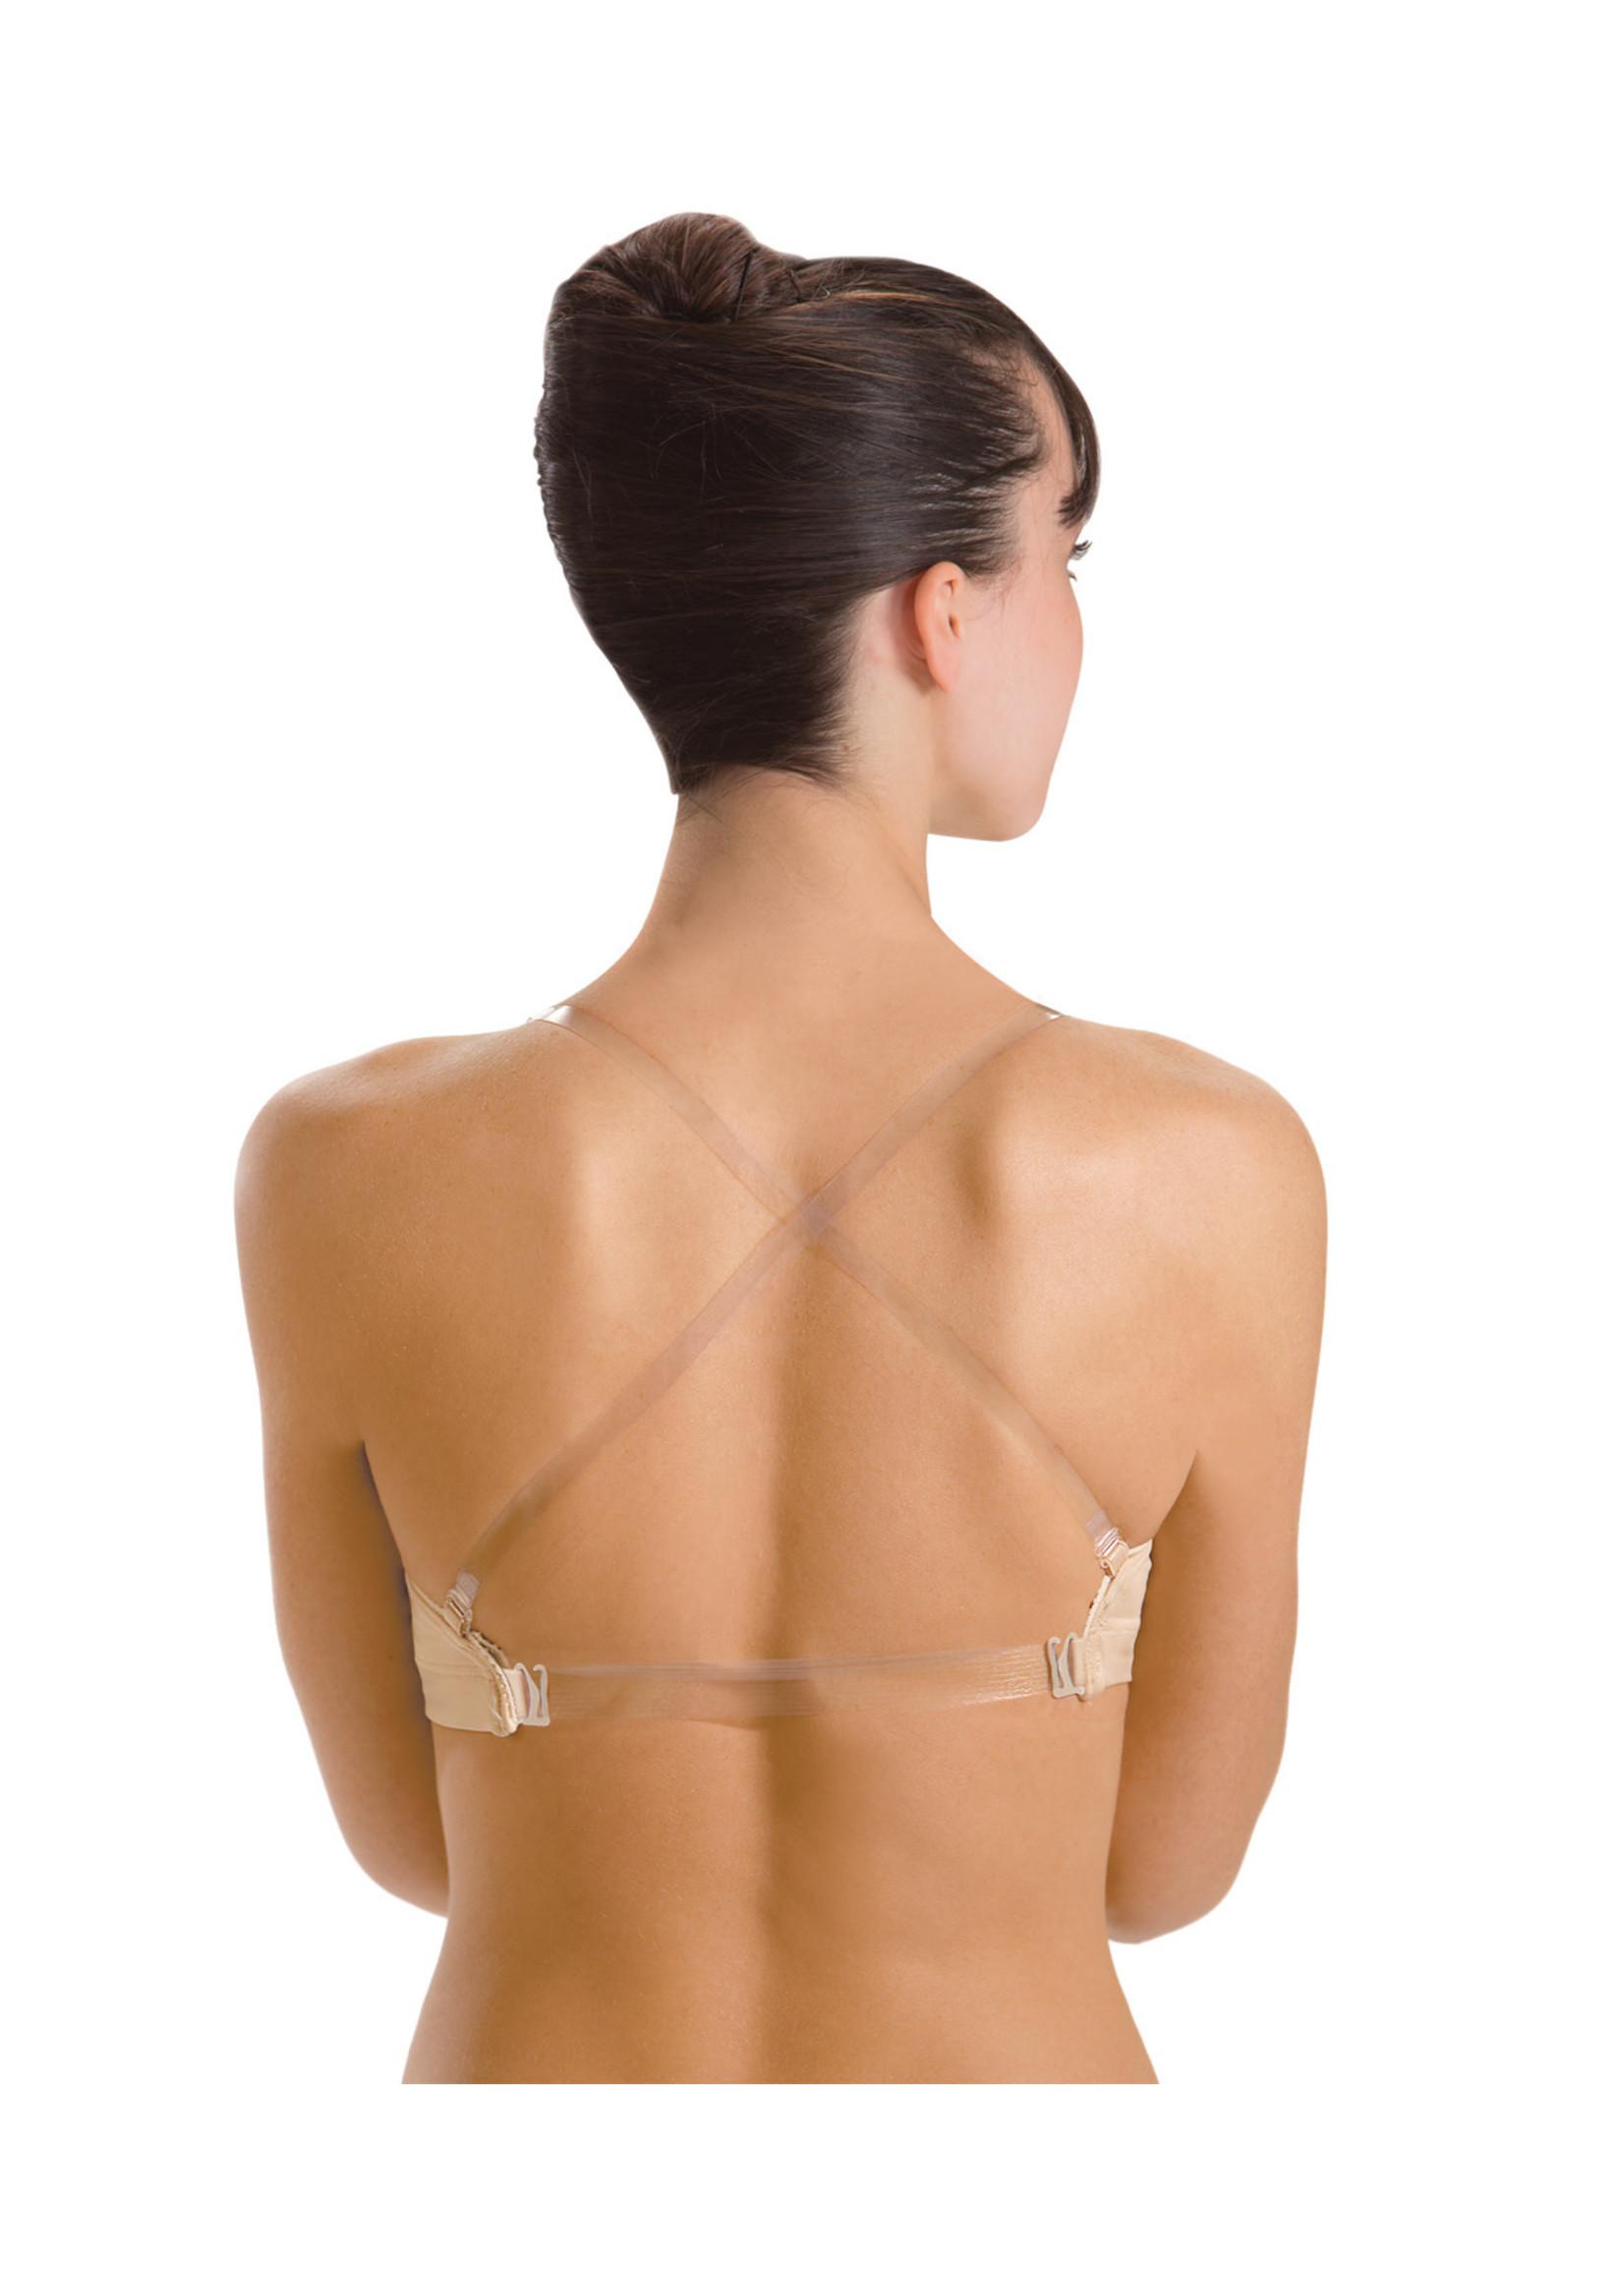 Motionwear Soutien-gorge avec bande et bretelles transparentes - Motionwear - 2493